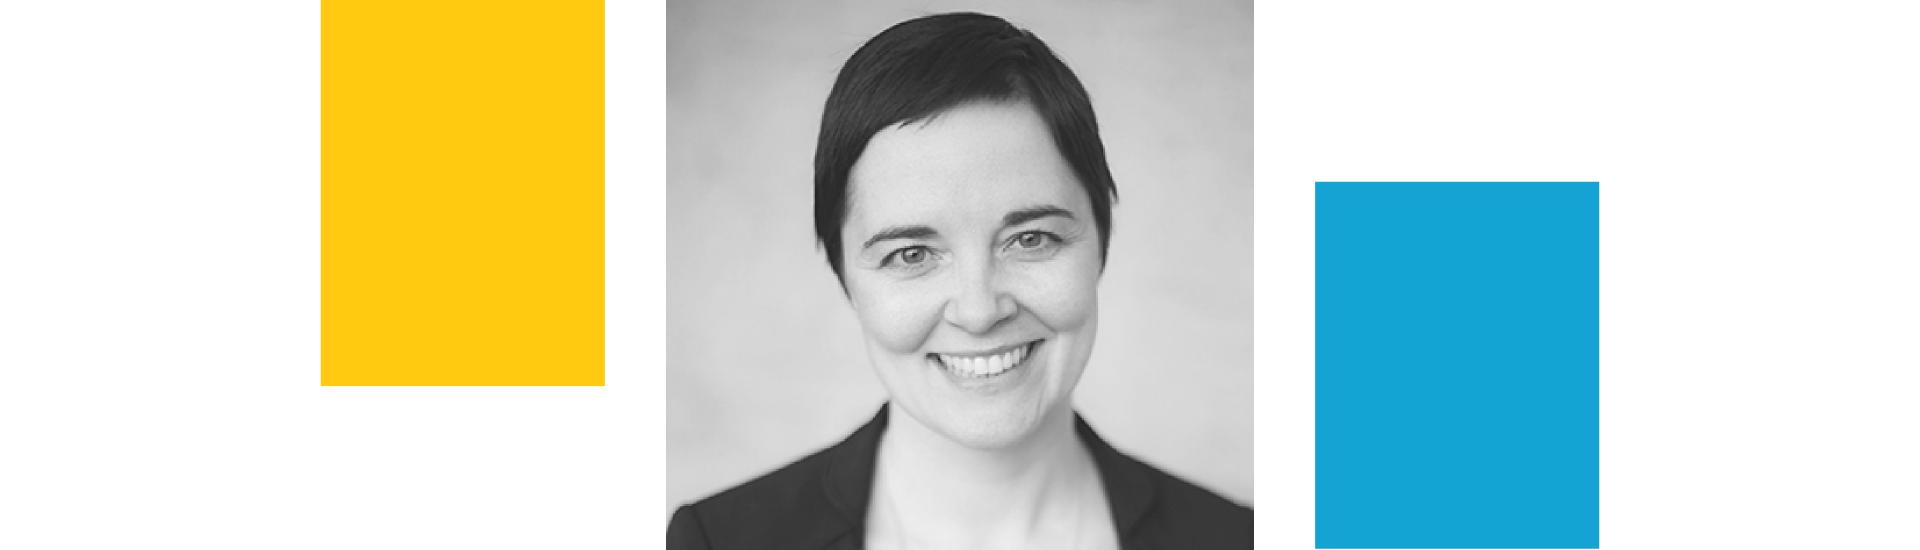 Photo of Dionne Pohler